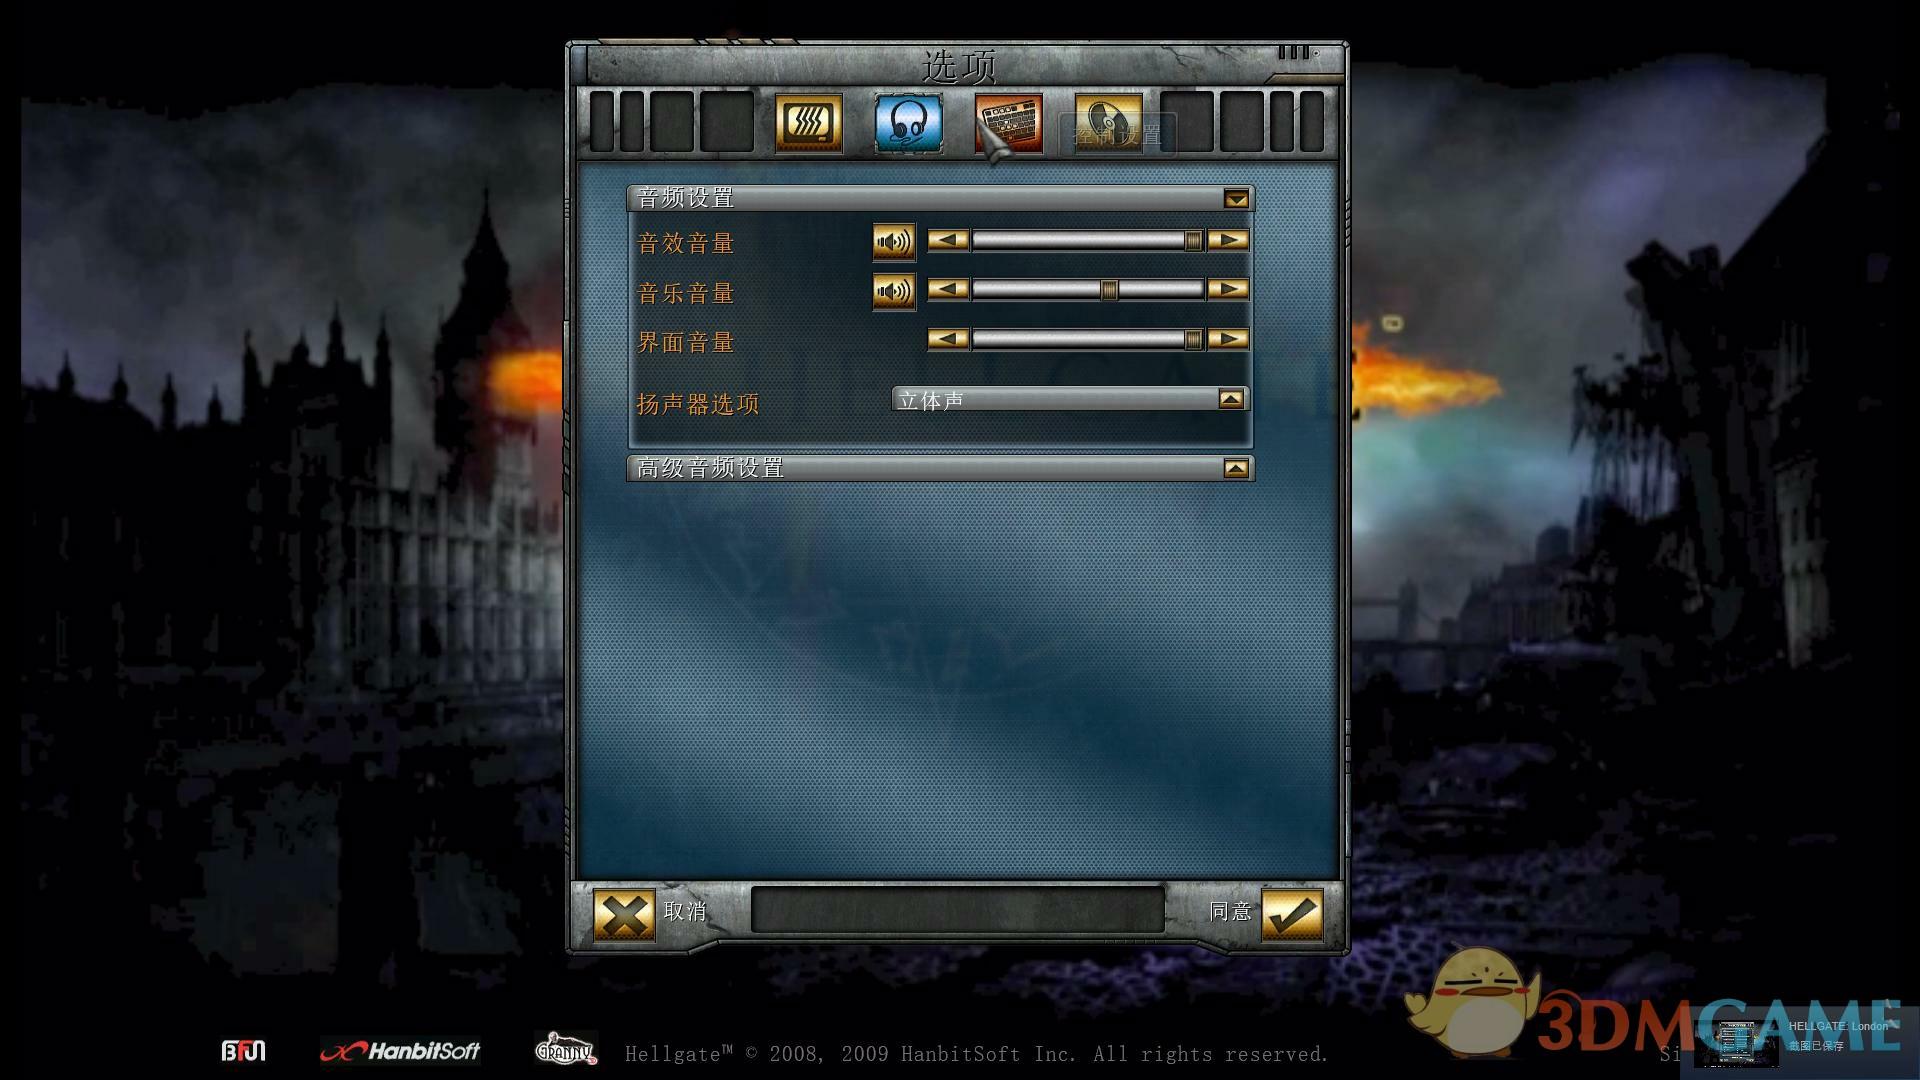 《暗黑之门:伦敦》 3DM汉化组汉化补丁v3.0